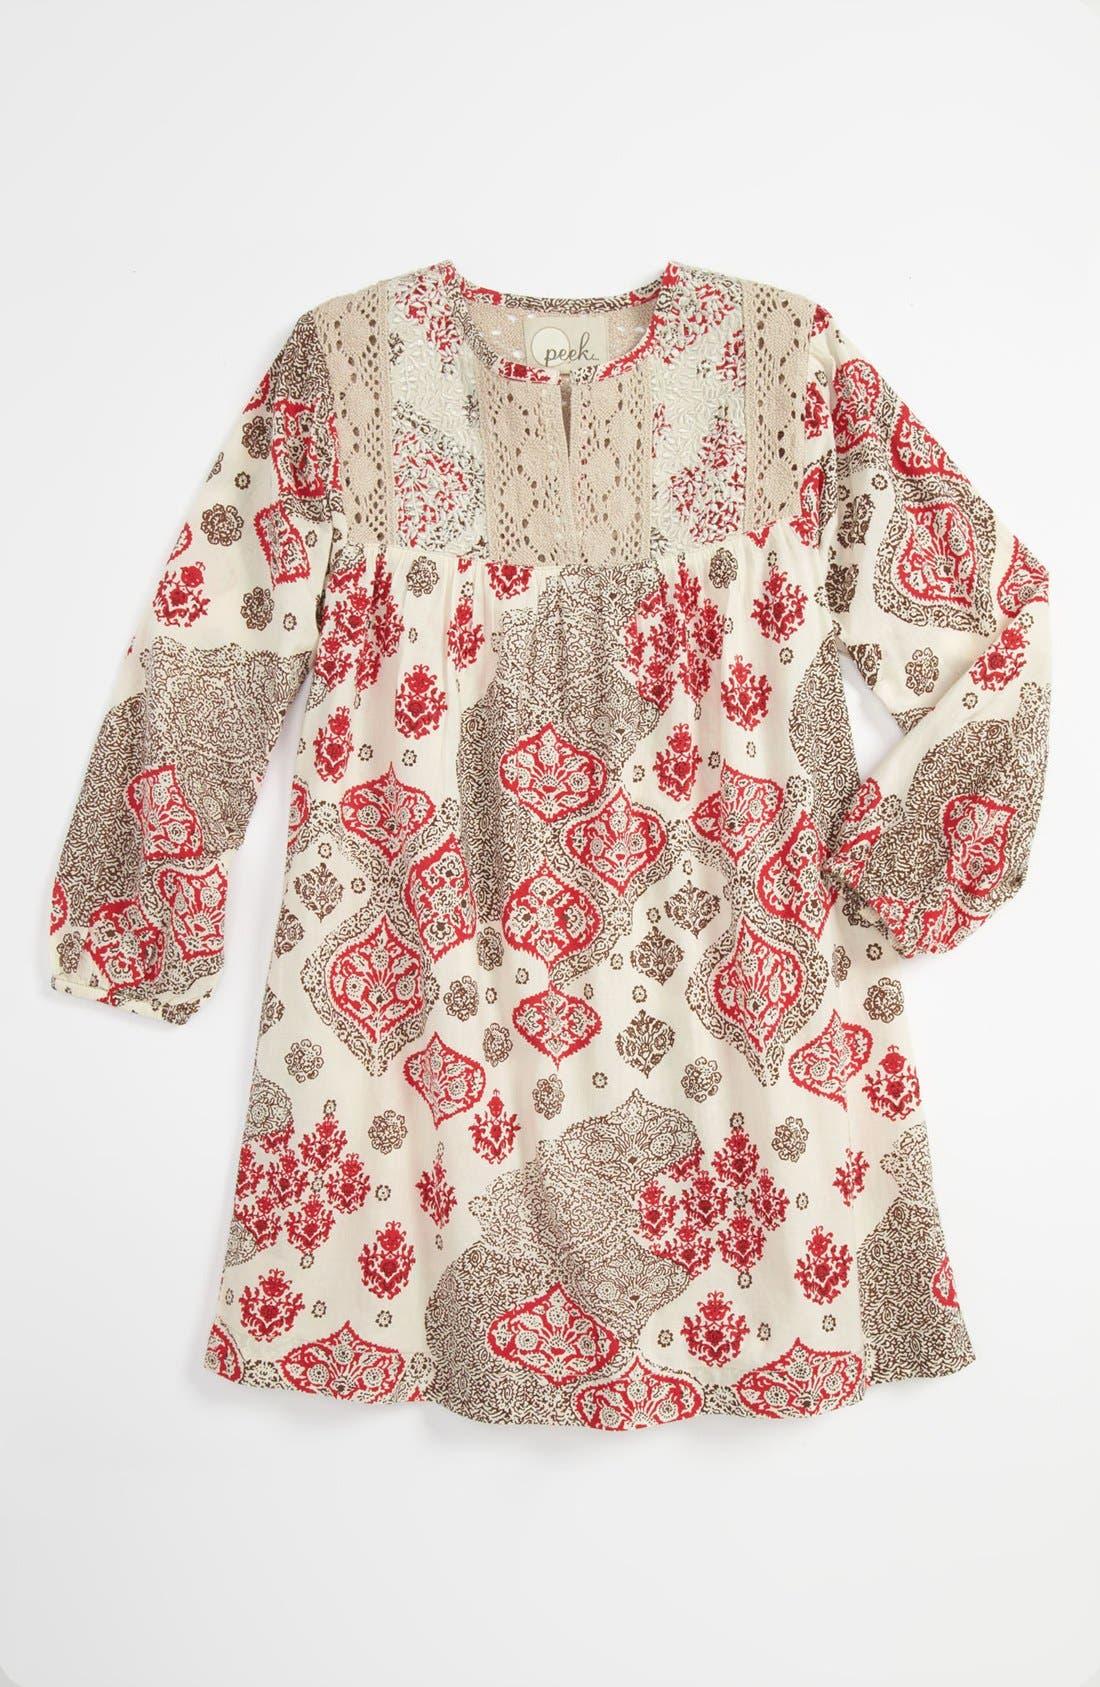 Main Image - Peek 'Lupita' Dress (Toddler & Little Girls)